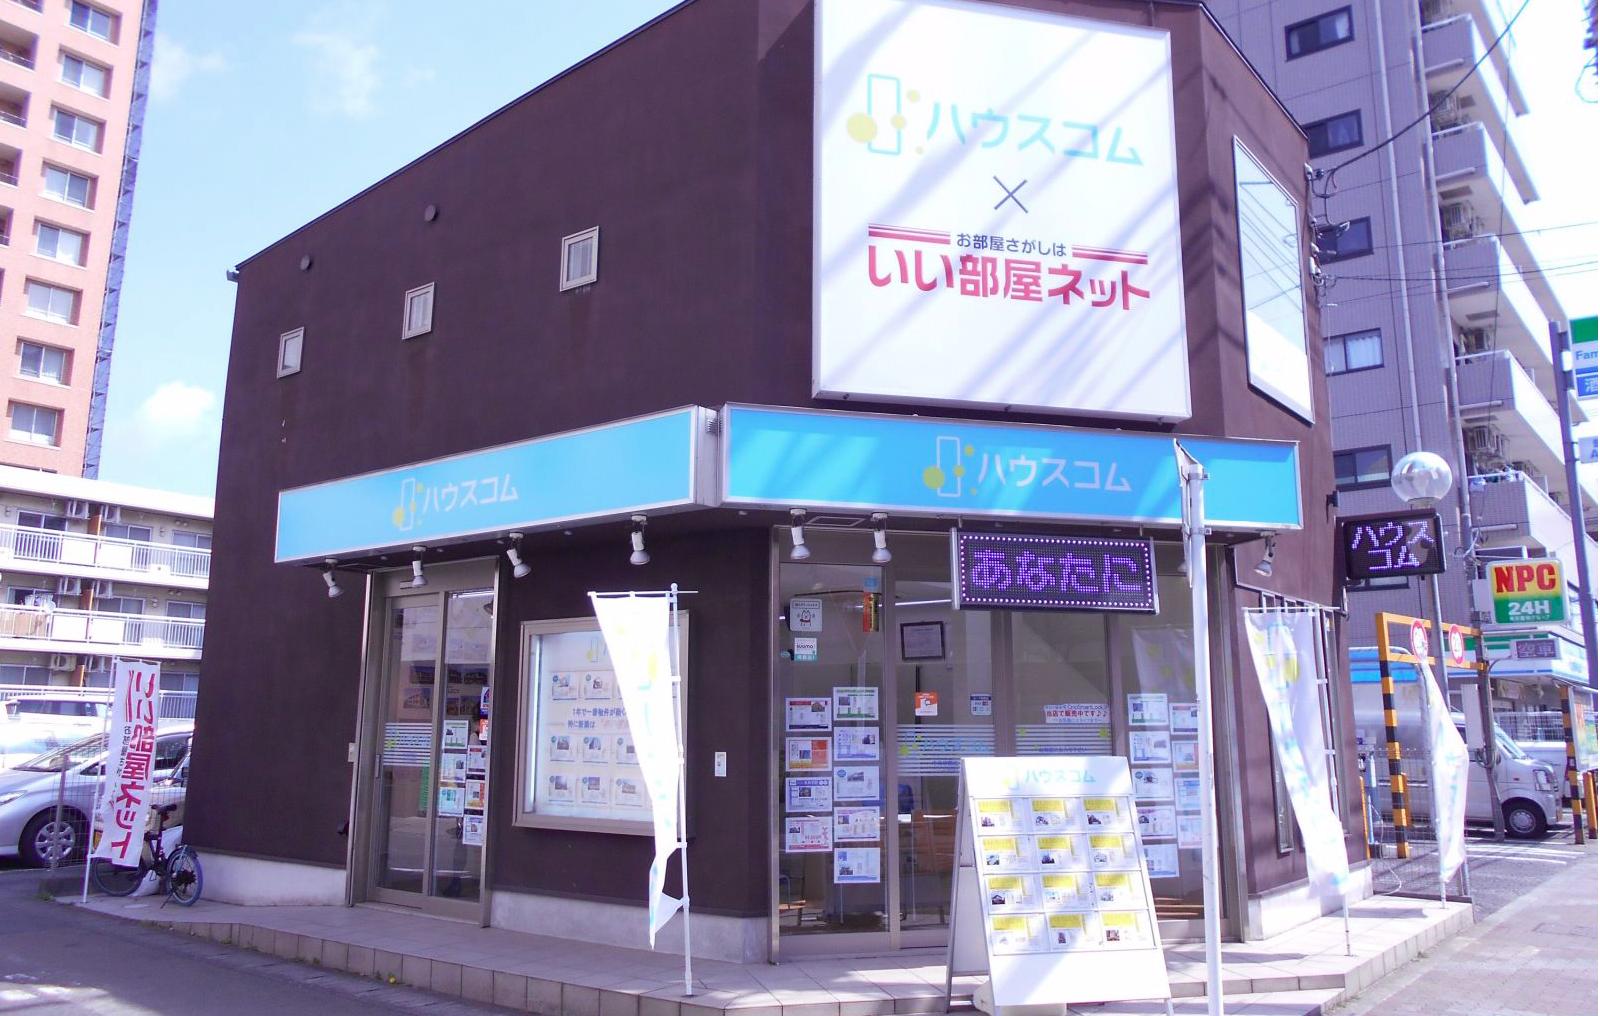 ハウスコムの店舗イメージ